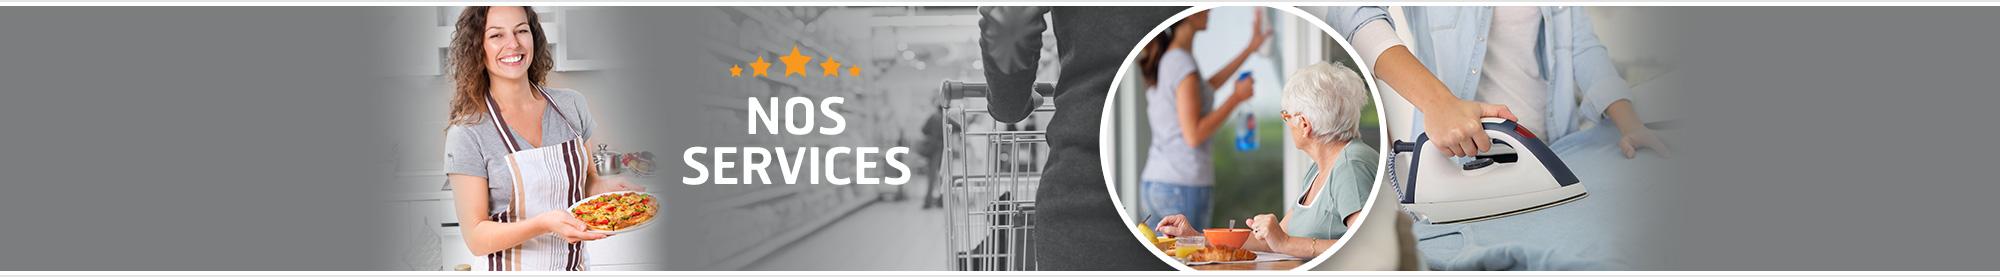 Entretien ménager, préparation repas, grand ménage, coopérative de services à domicile | Services